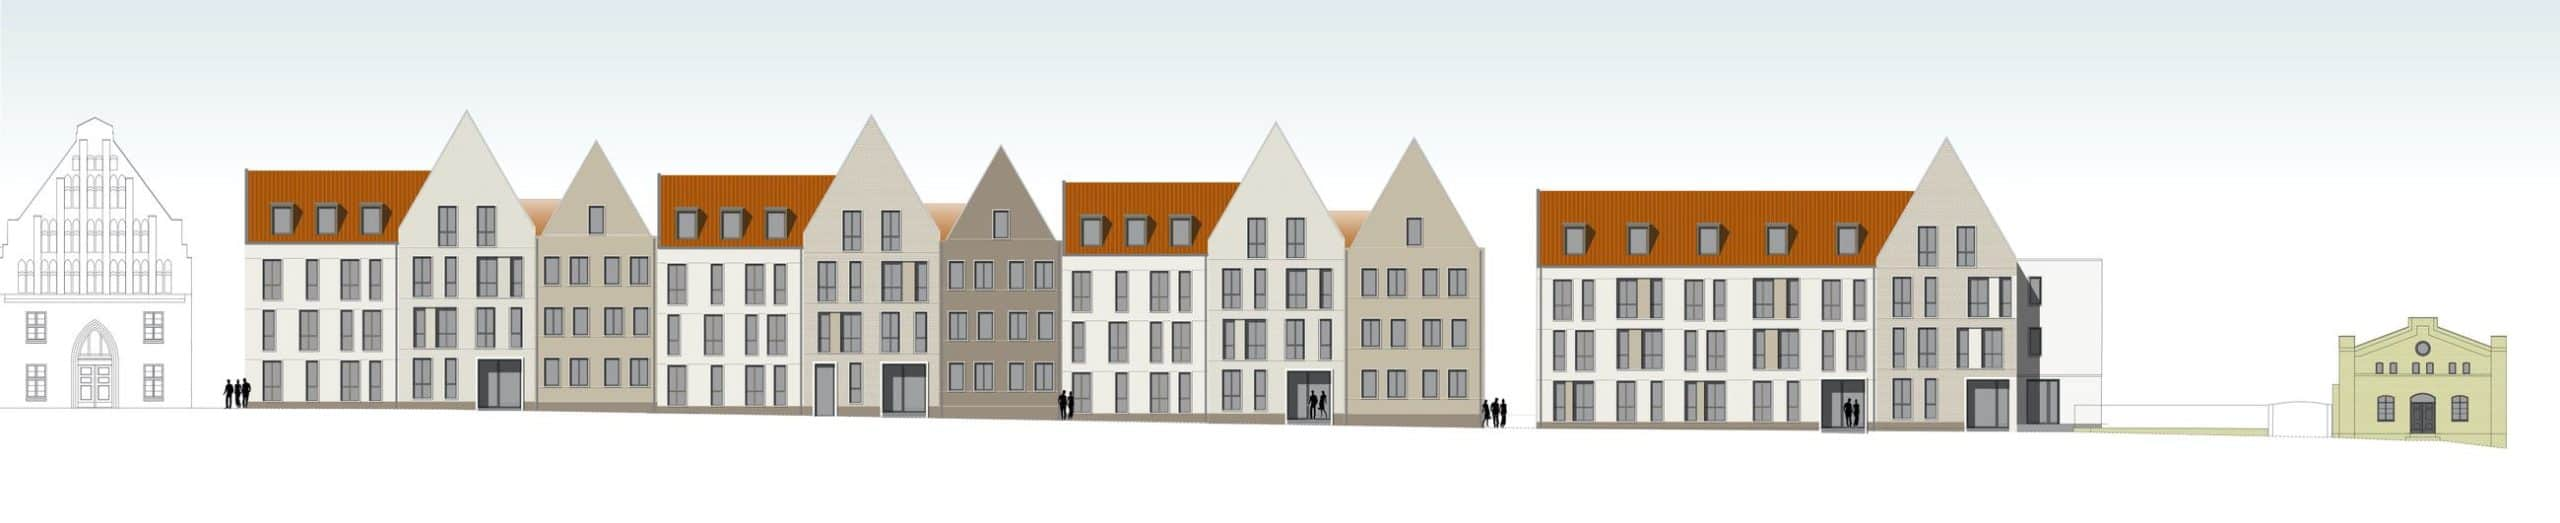 Quartier Stadtmauer Stralsund - Ansicht Mühlenstraße